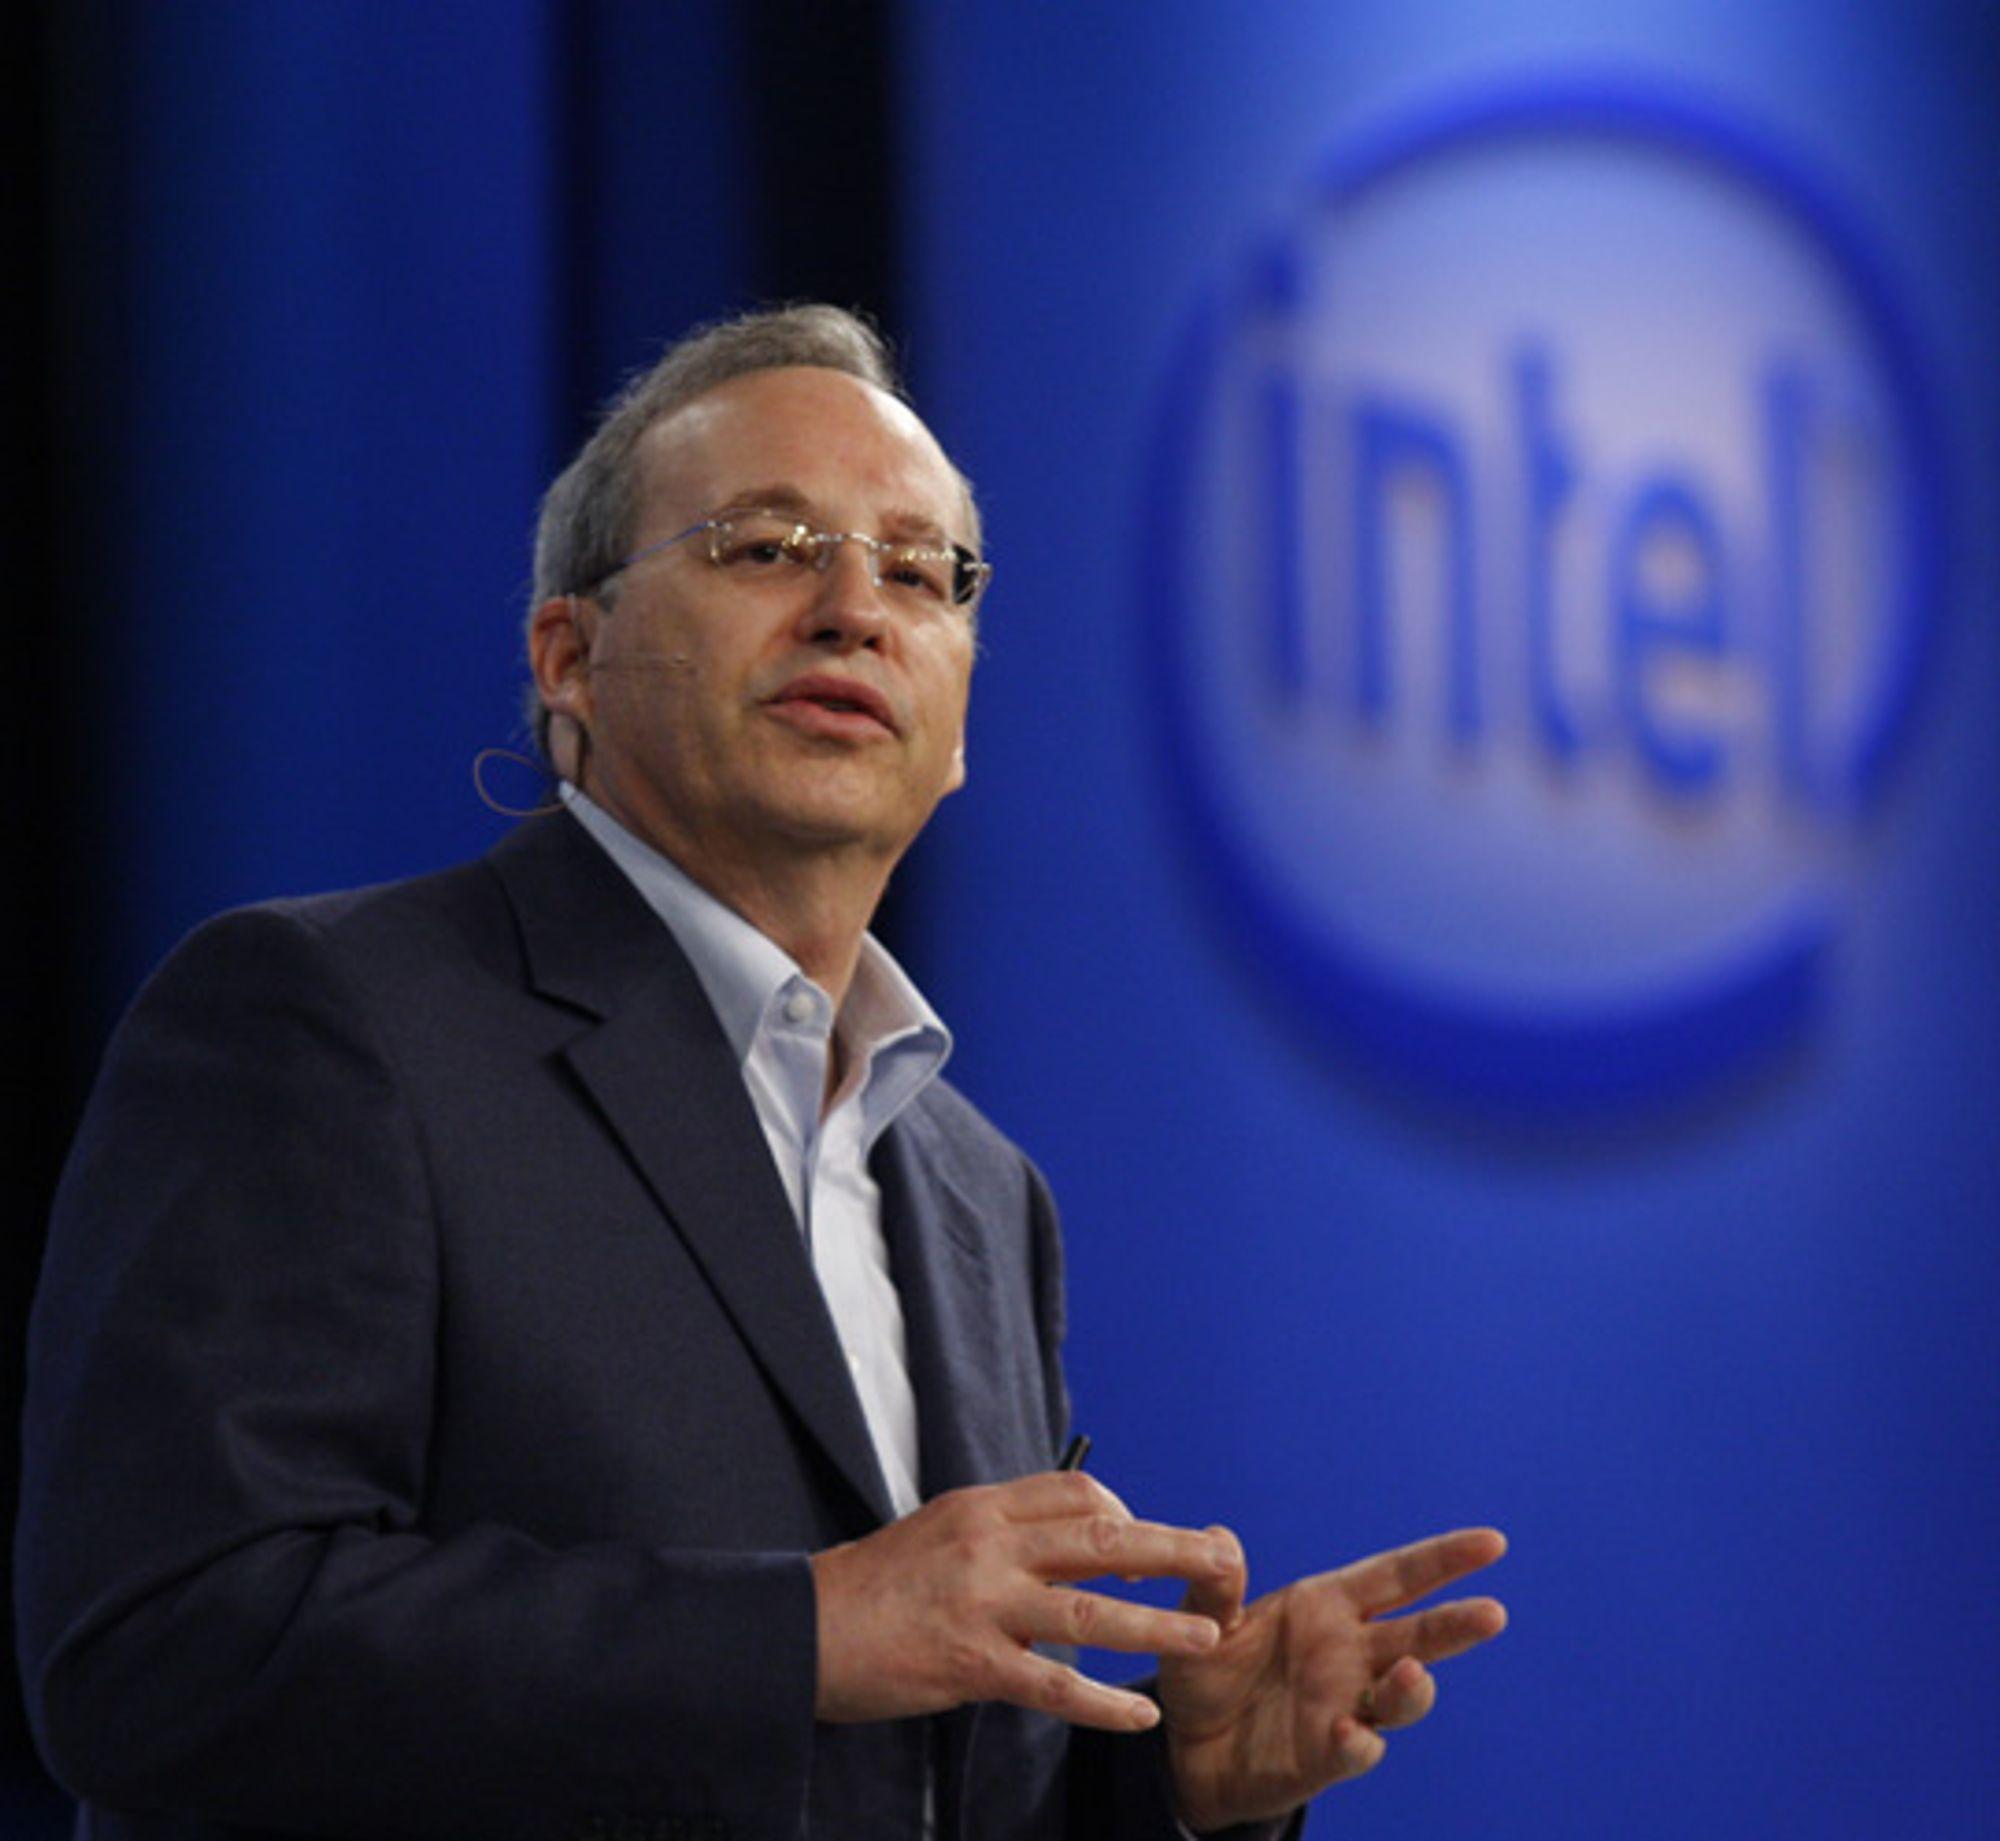 Justin Rattner hos Intel. Foto: Intel